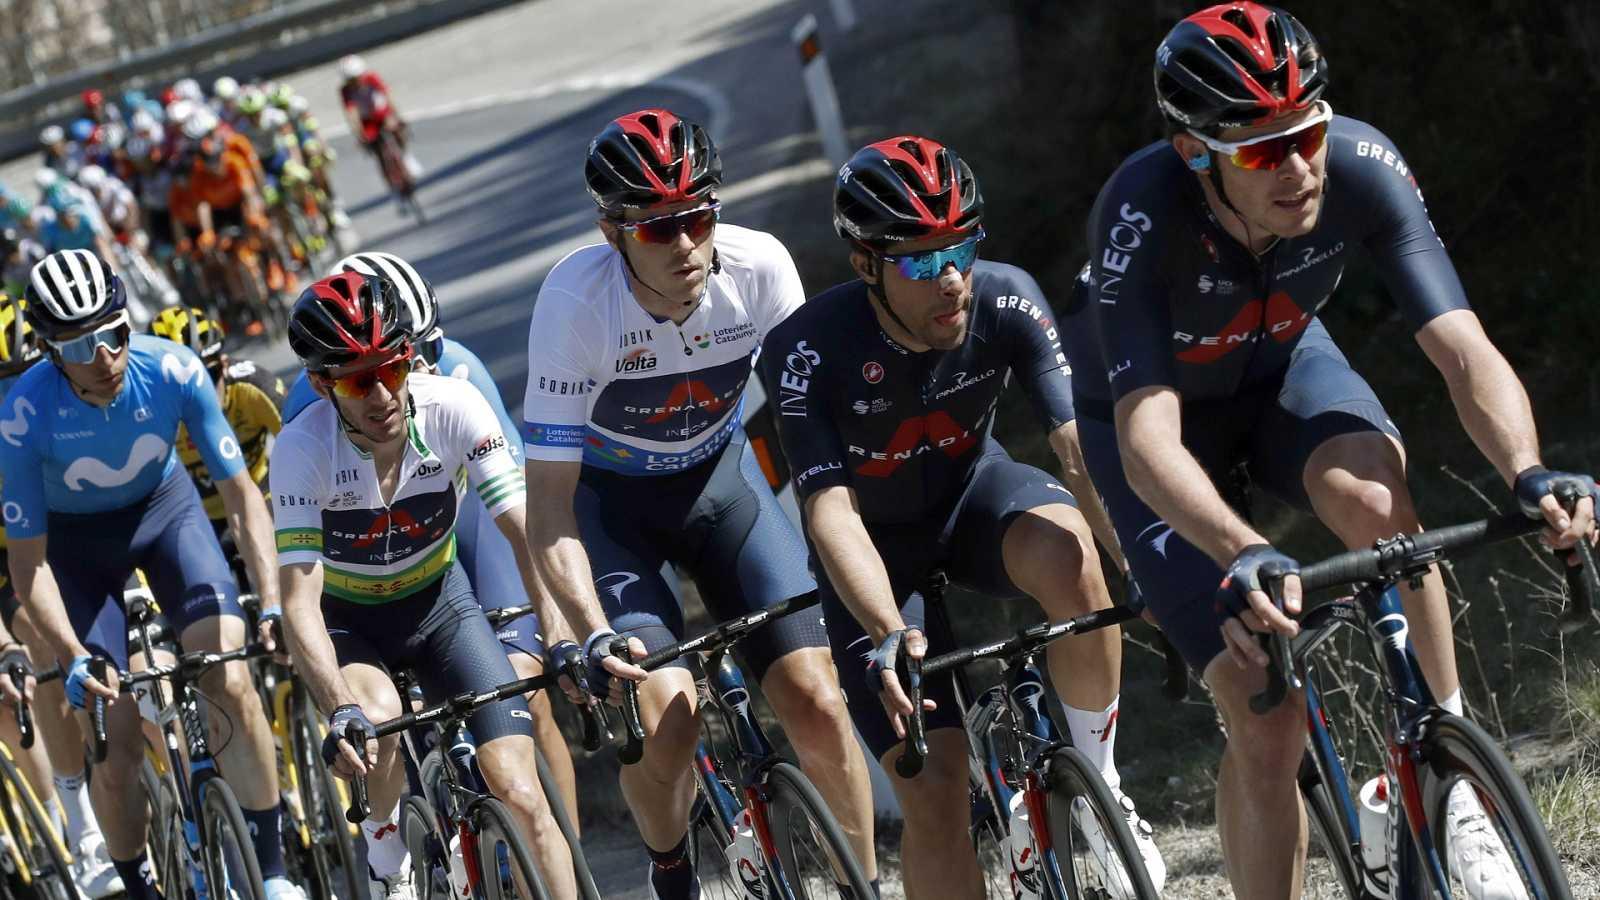 Ciclismo - Volta Cataluña. 5ª etapa: La Pobla de Segur - Manresa - ver ahora